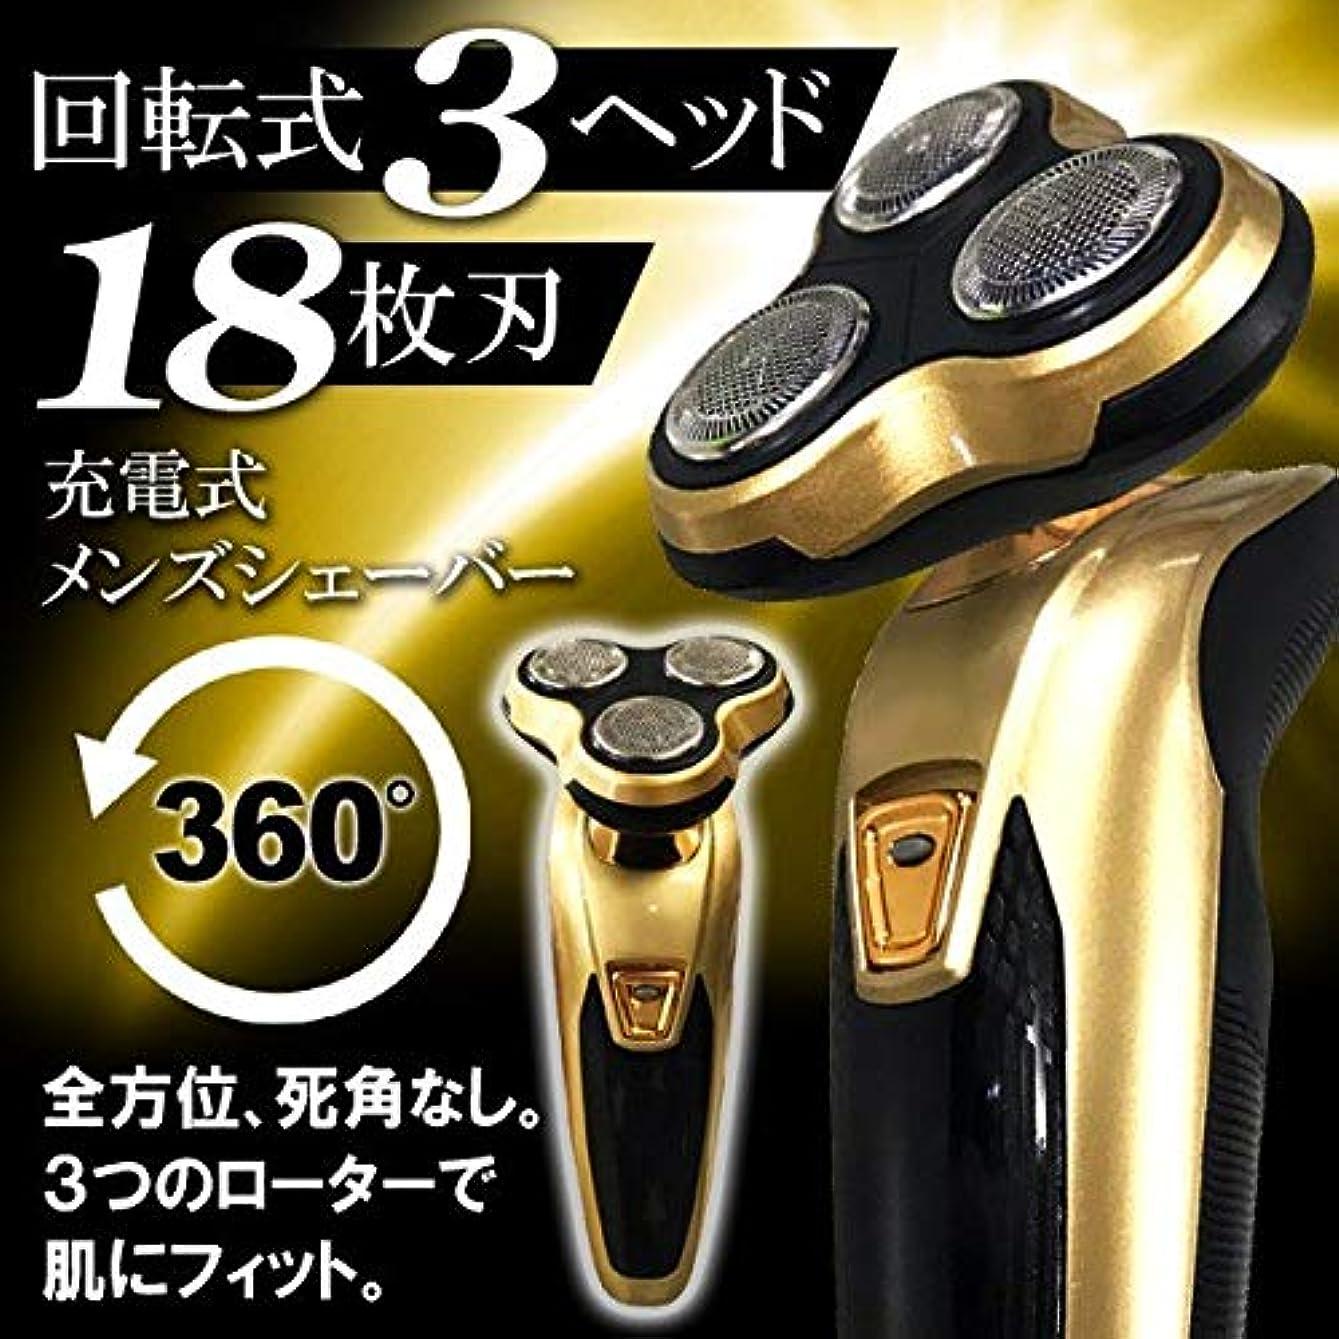 奇跡的な予知居住者YEP 電気シェーバー 3ヘッド搭載 充電式 メンズシェーバー 3in1 髭剃り 鼻毛カッター グルーミングヘッド